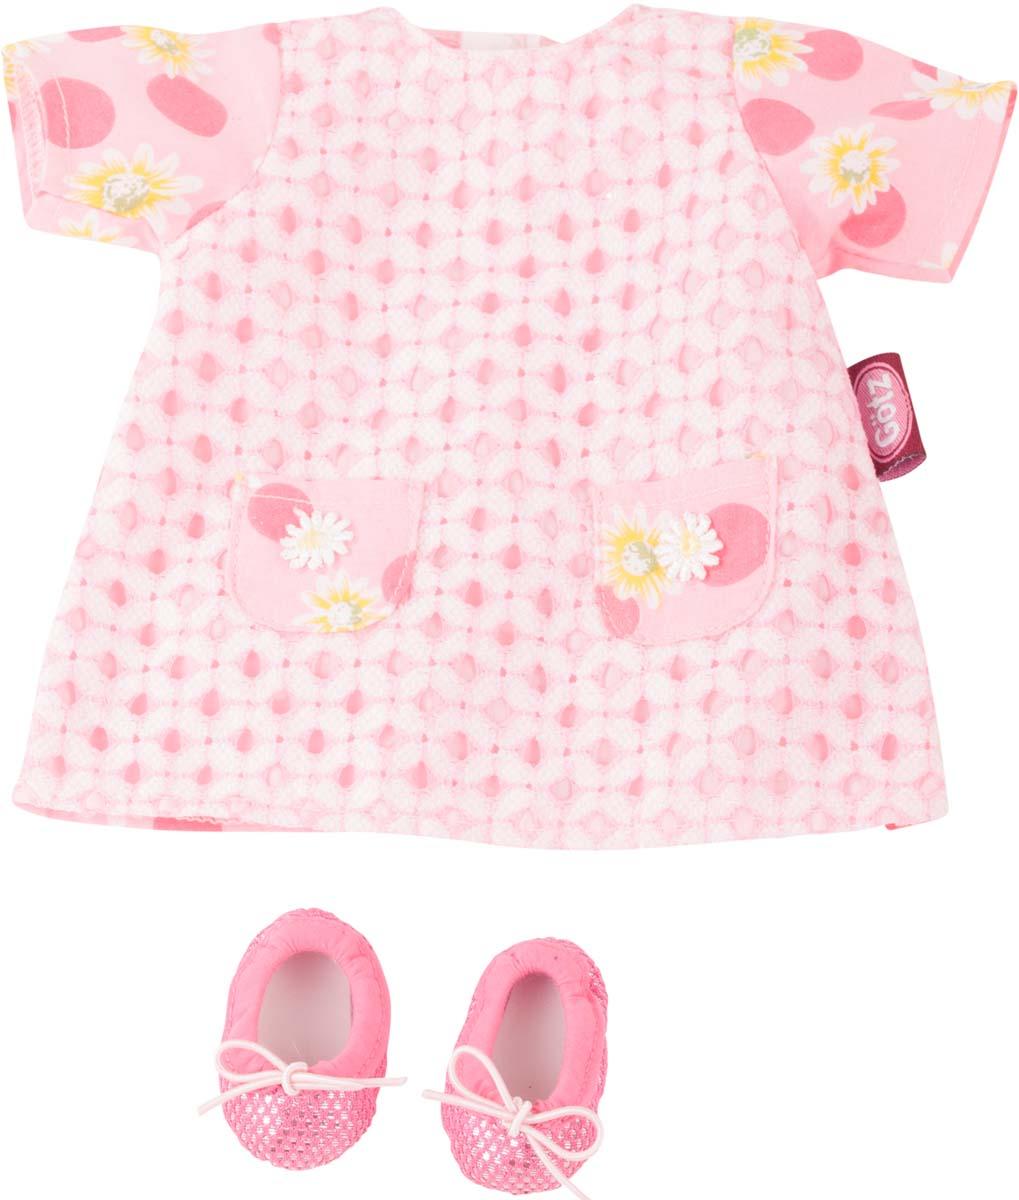 Gotz Одежда для кукол Комплект с туфлями